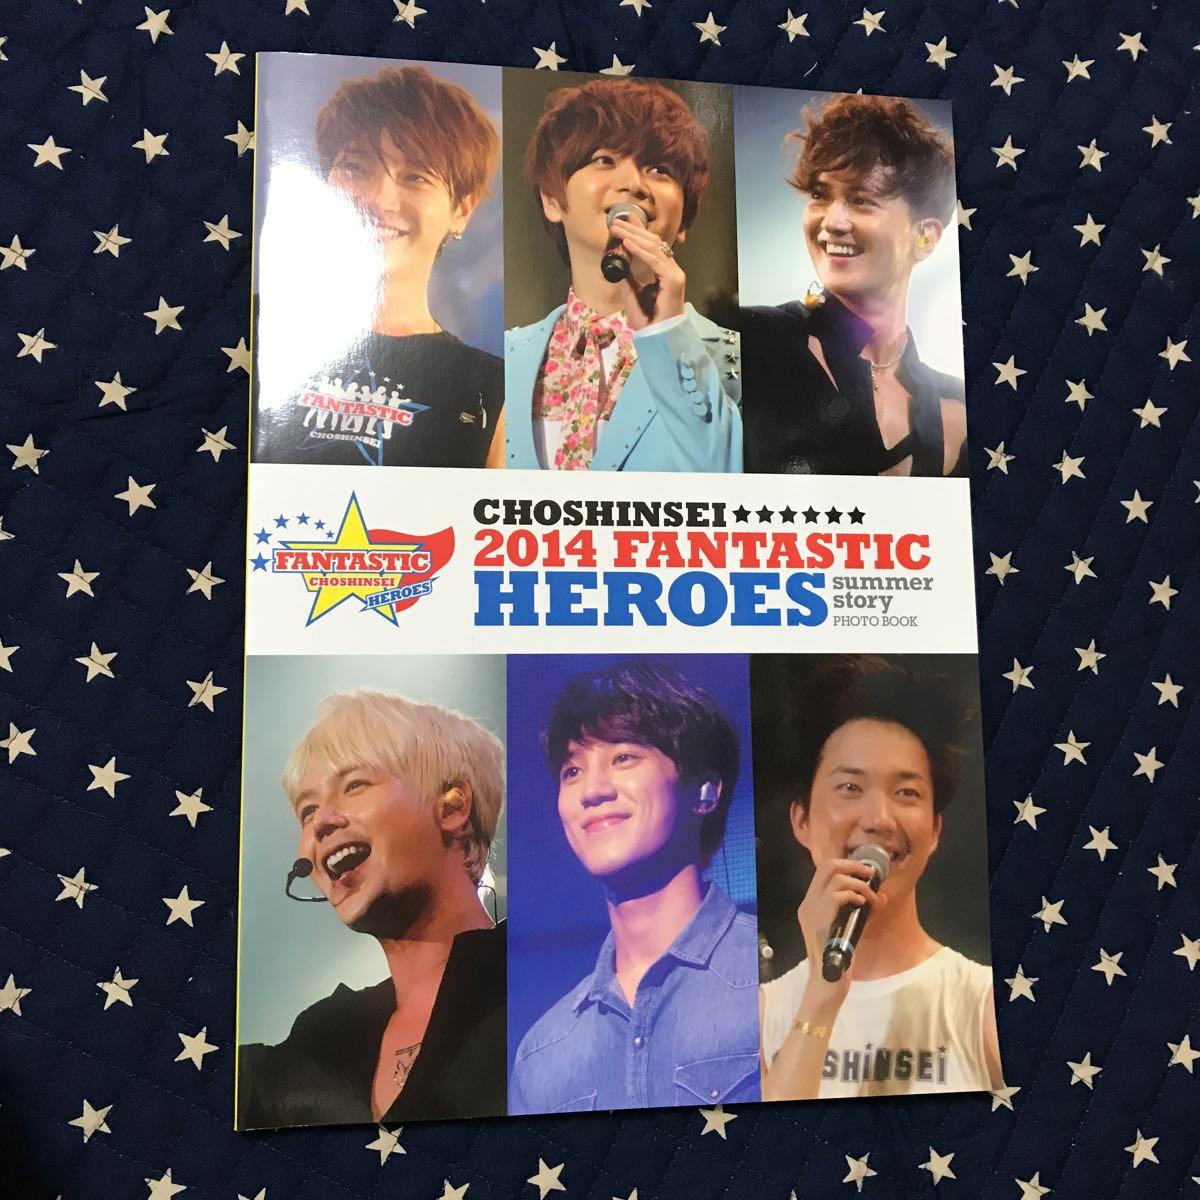 超新星 2014 ☆FANTASTIC HEROES ☆ パンフレット